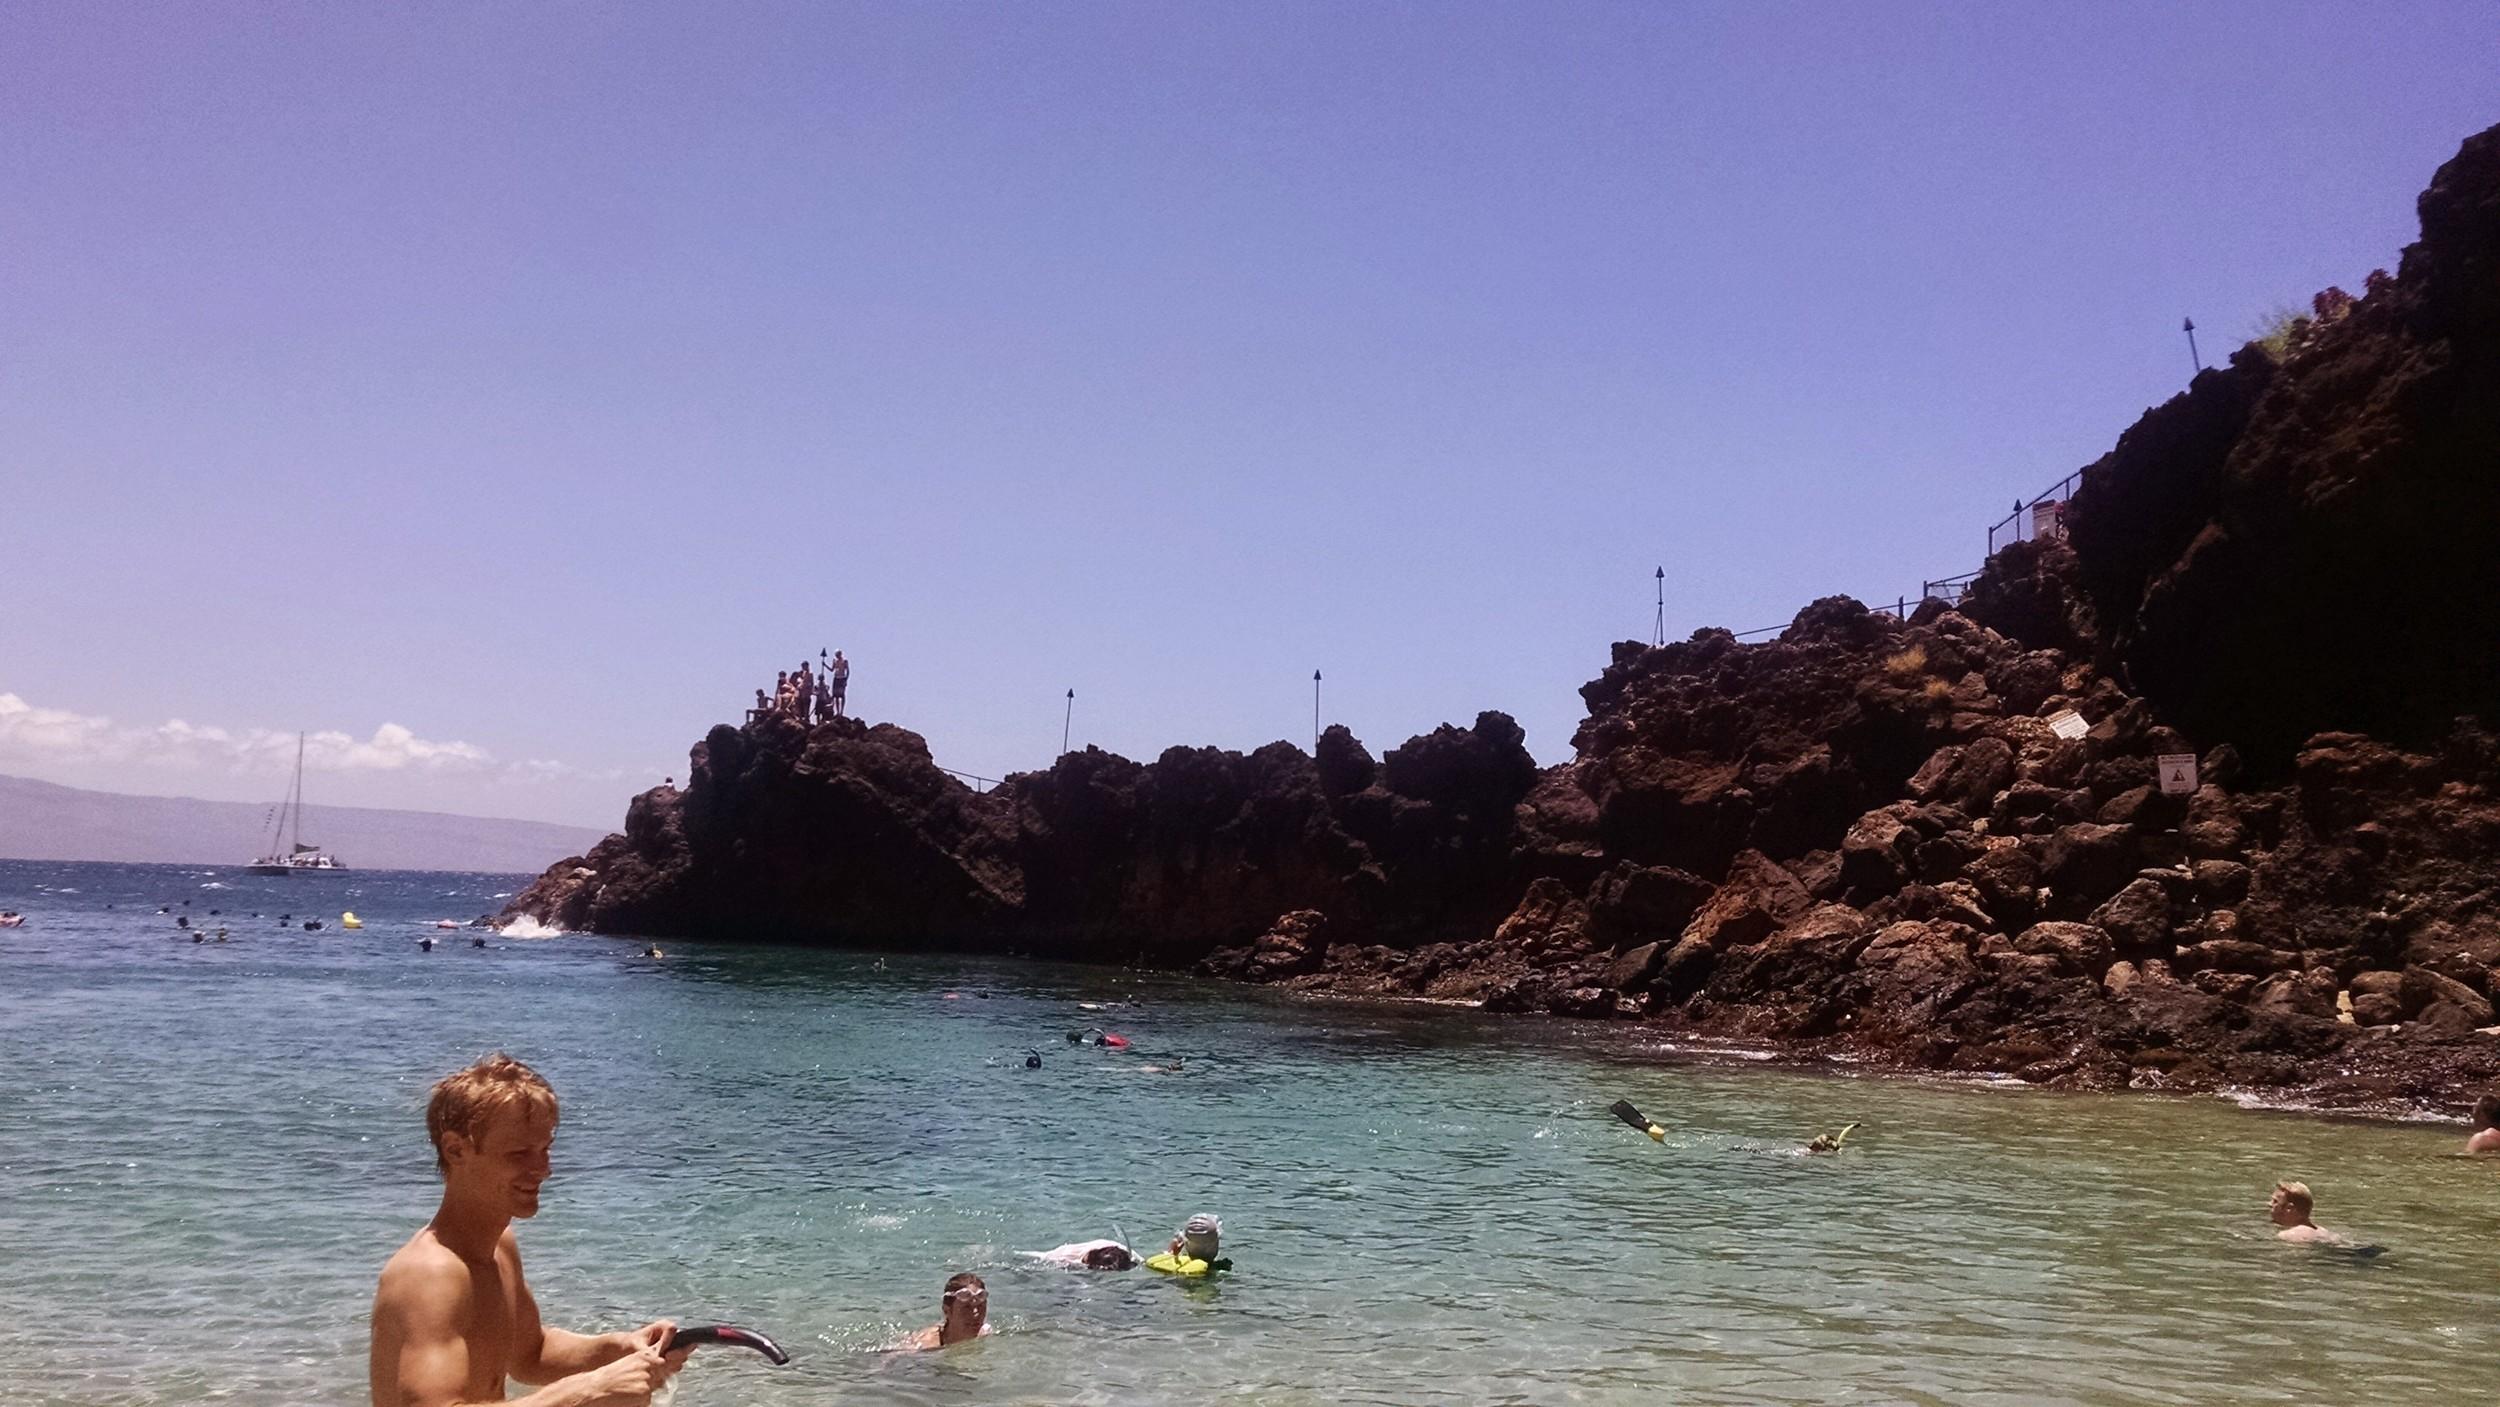 Black Rocks, Kaanapali Beach, Hawaii - Maui Beach